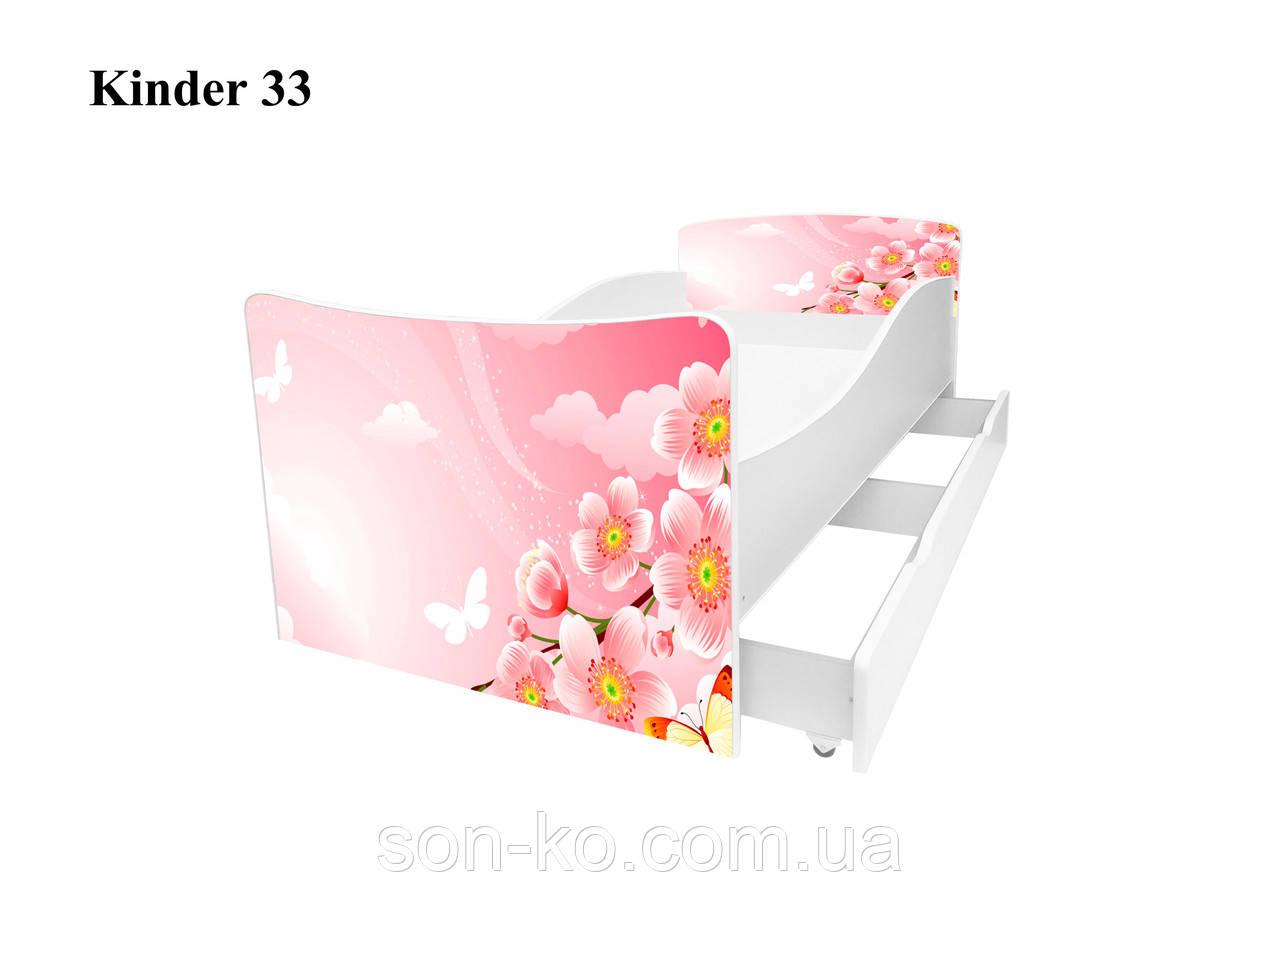 Ліжко дитяче Кіндер Квіточки, сердечки, метелики 2. Безкоштовна доставка